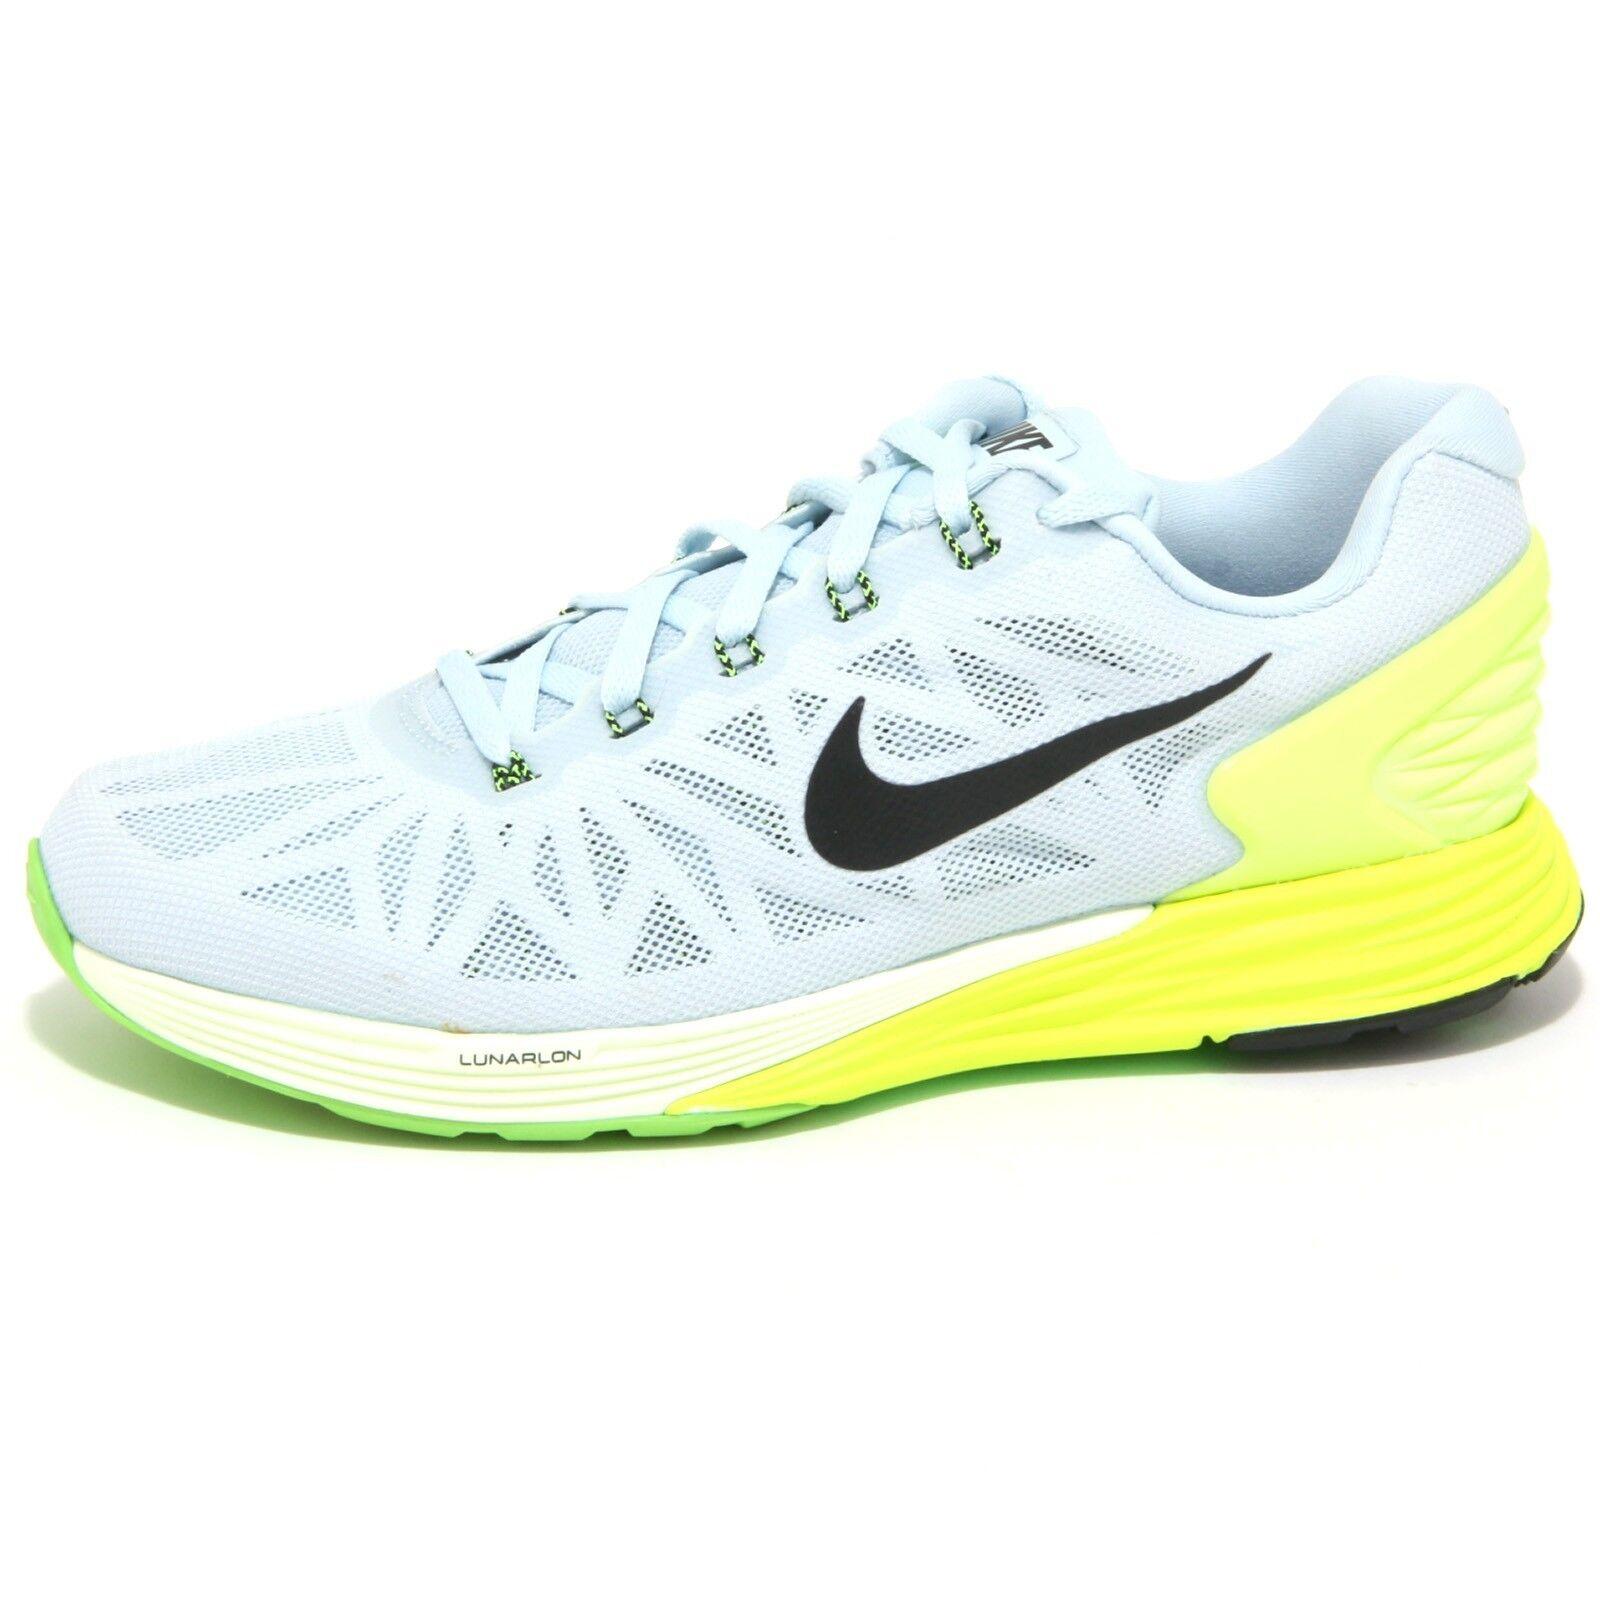 12800 skor skor skor Nike Lunarglide Gråskor Kvinnliga skor  stor rabatt